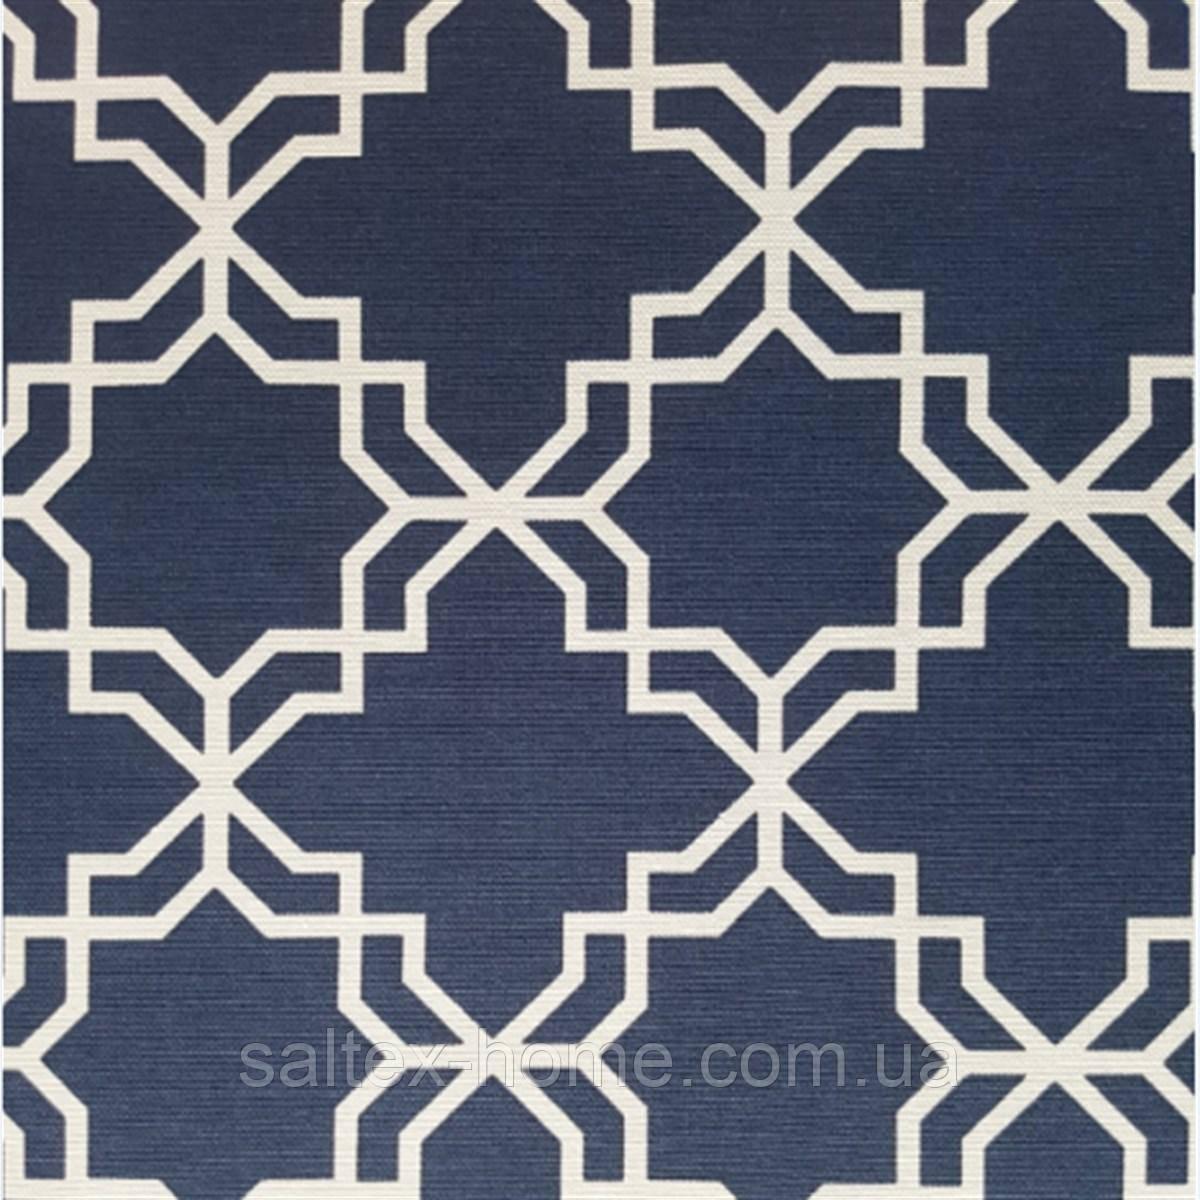 Ткань для обивки мебели с тефлоновым покрытием ширина 180 см